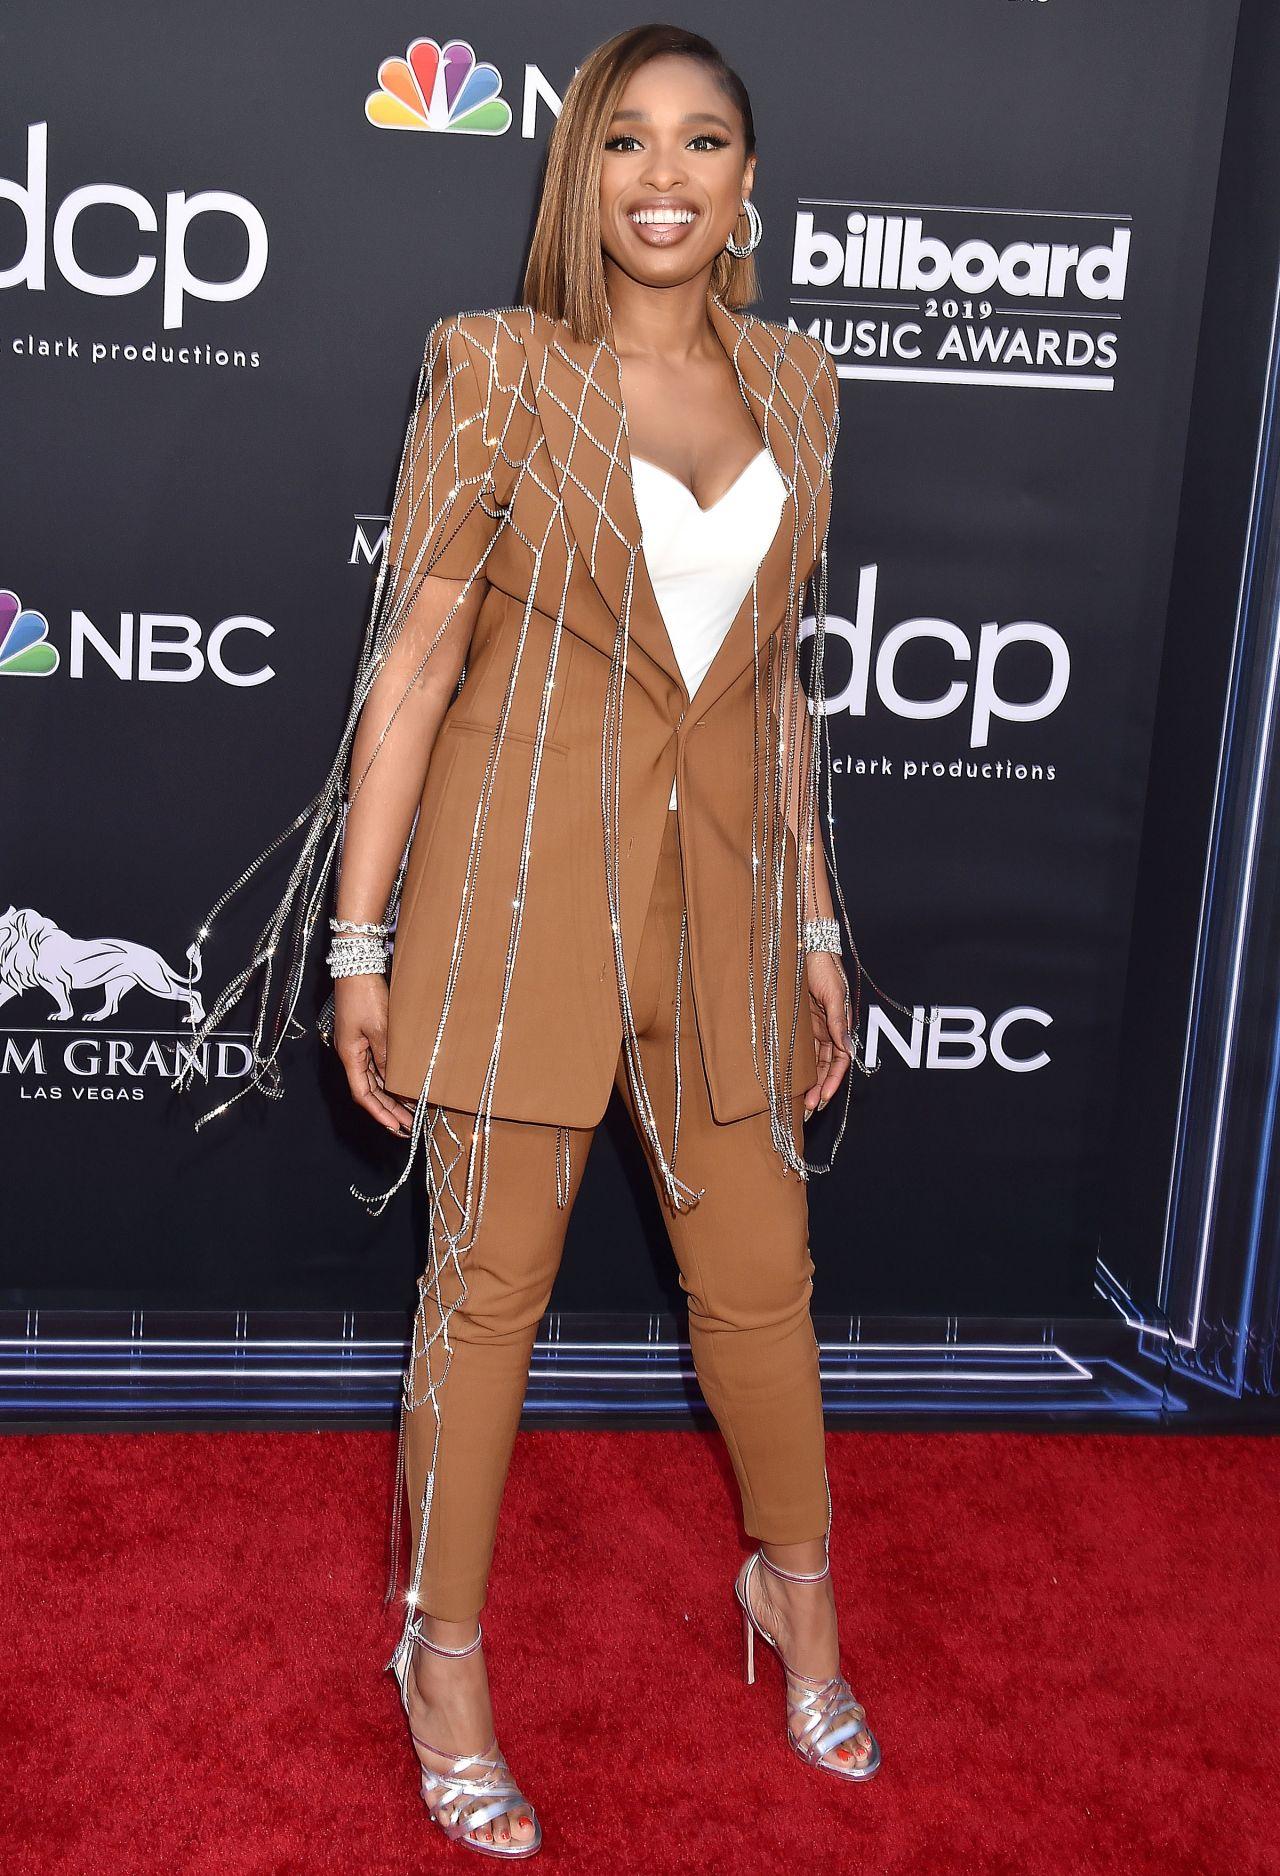 Jennifer Hudson 2019 Billboard Music Awards